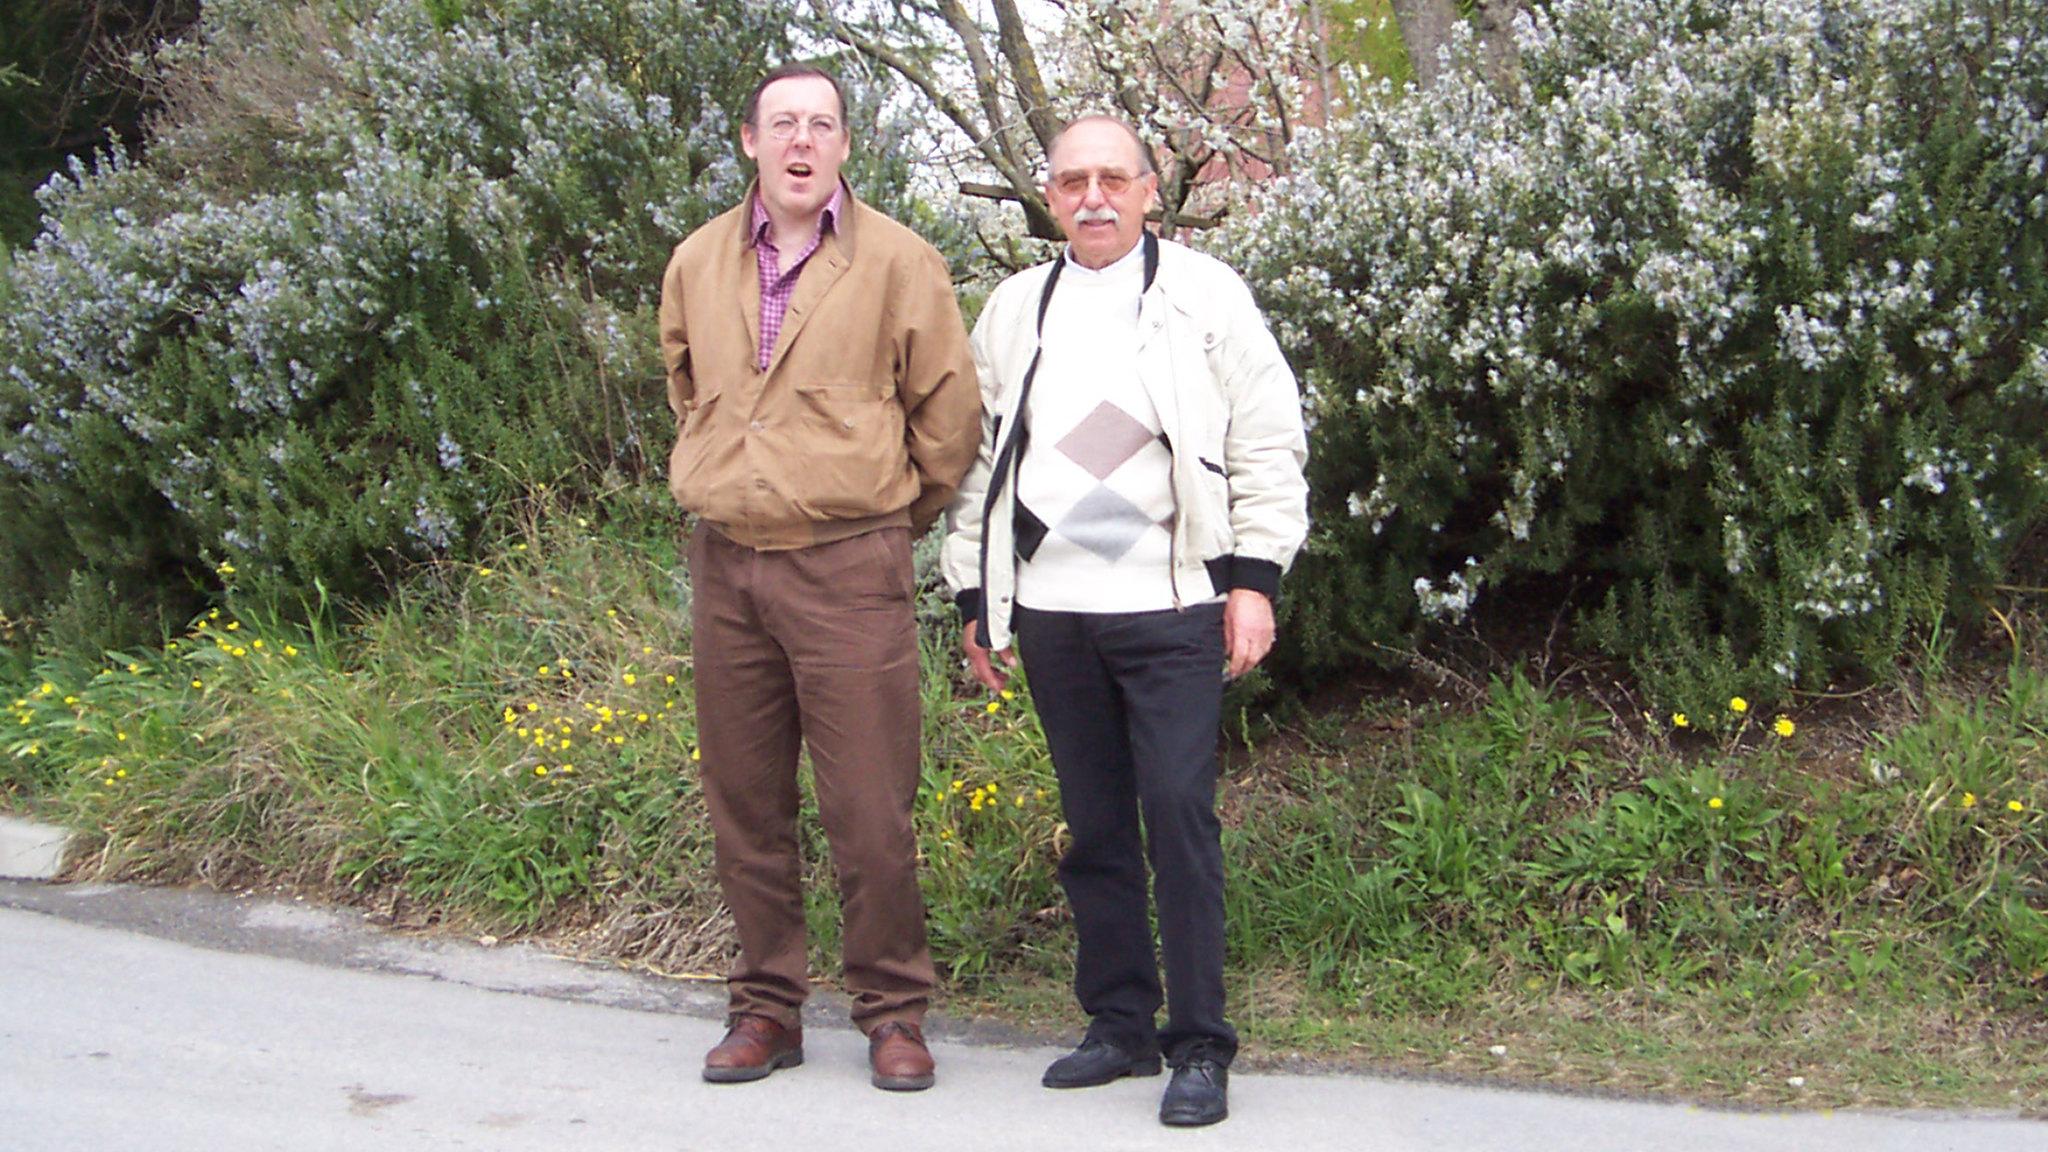 Rassegna di Izola, Slovenia 16 - 17 Aprile 2015